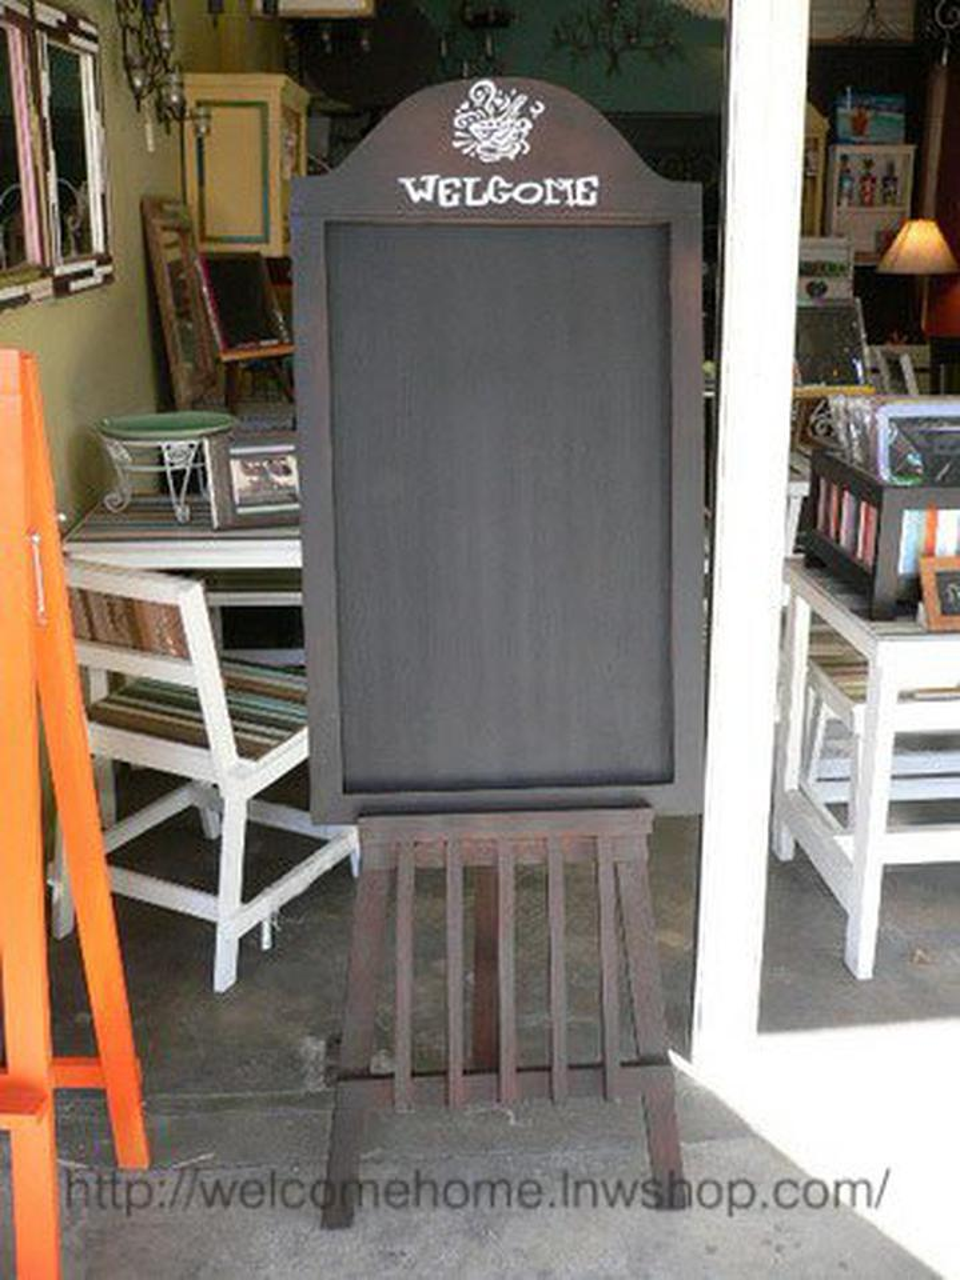 กระดานดำตั้งพื้น ของตกแต่งหน้าร้านขายของเก๋ๆครับ รูปที่ 1